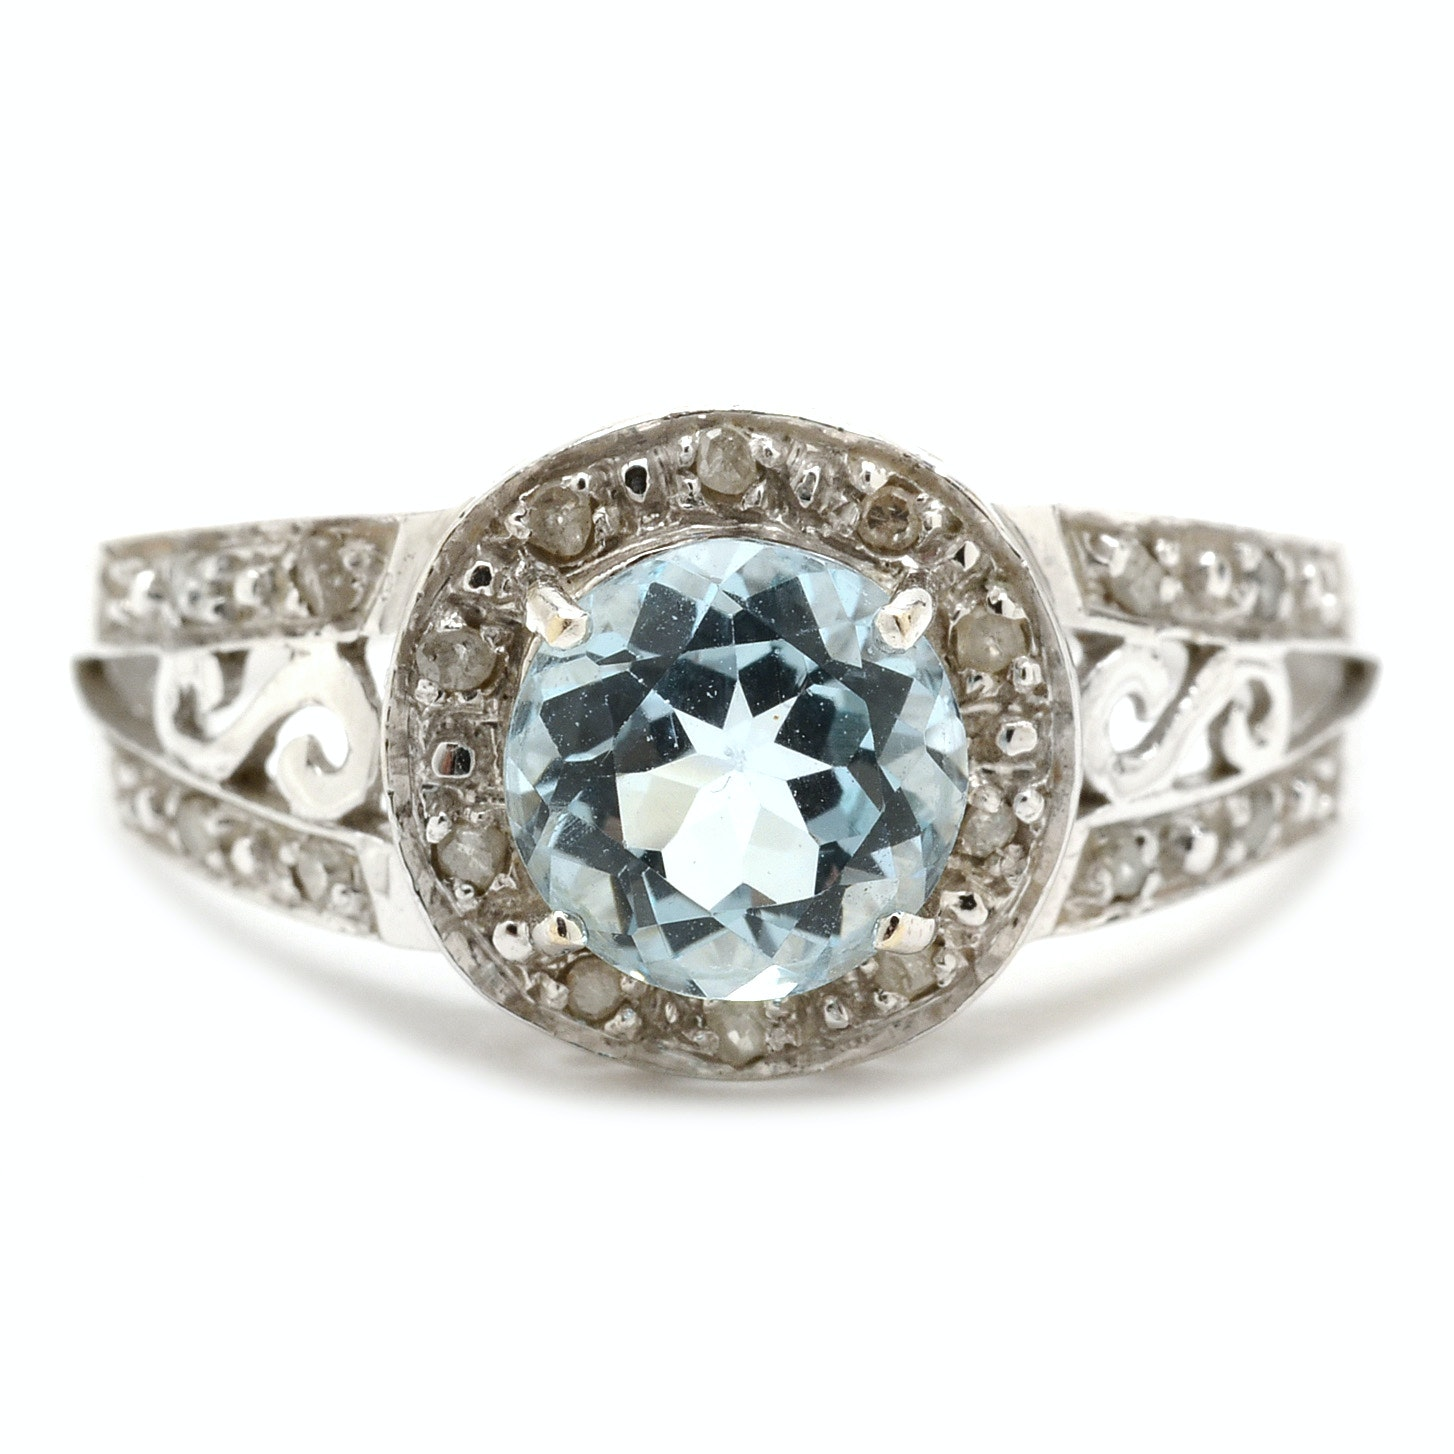 14K White Gold Blue Topaz Diamond Cocktail Ring